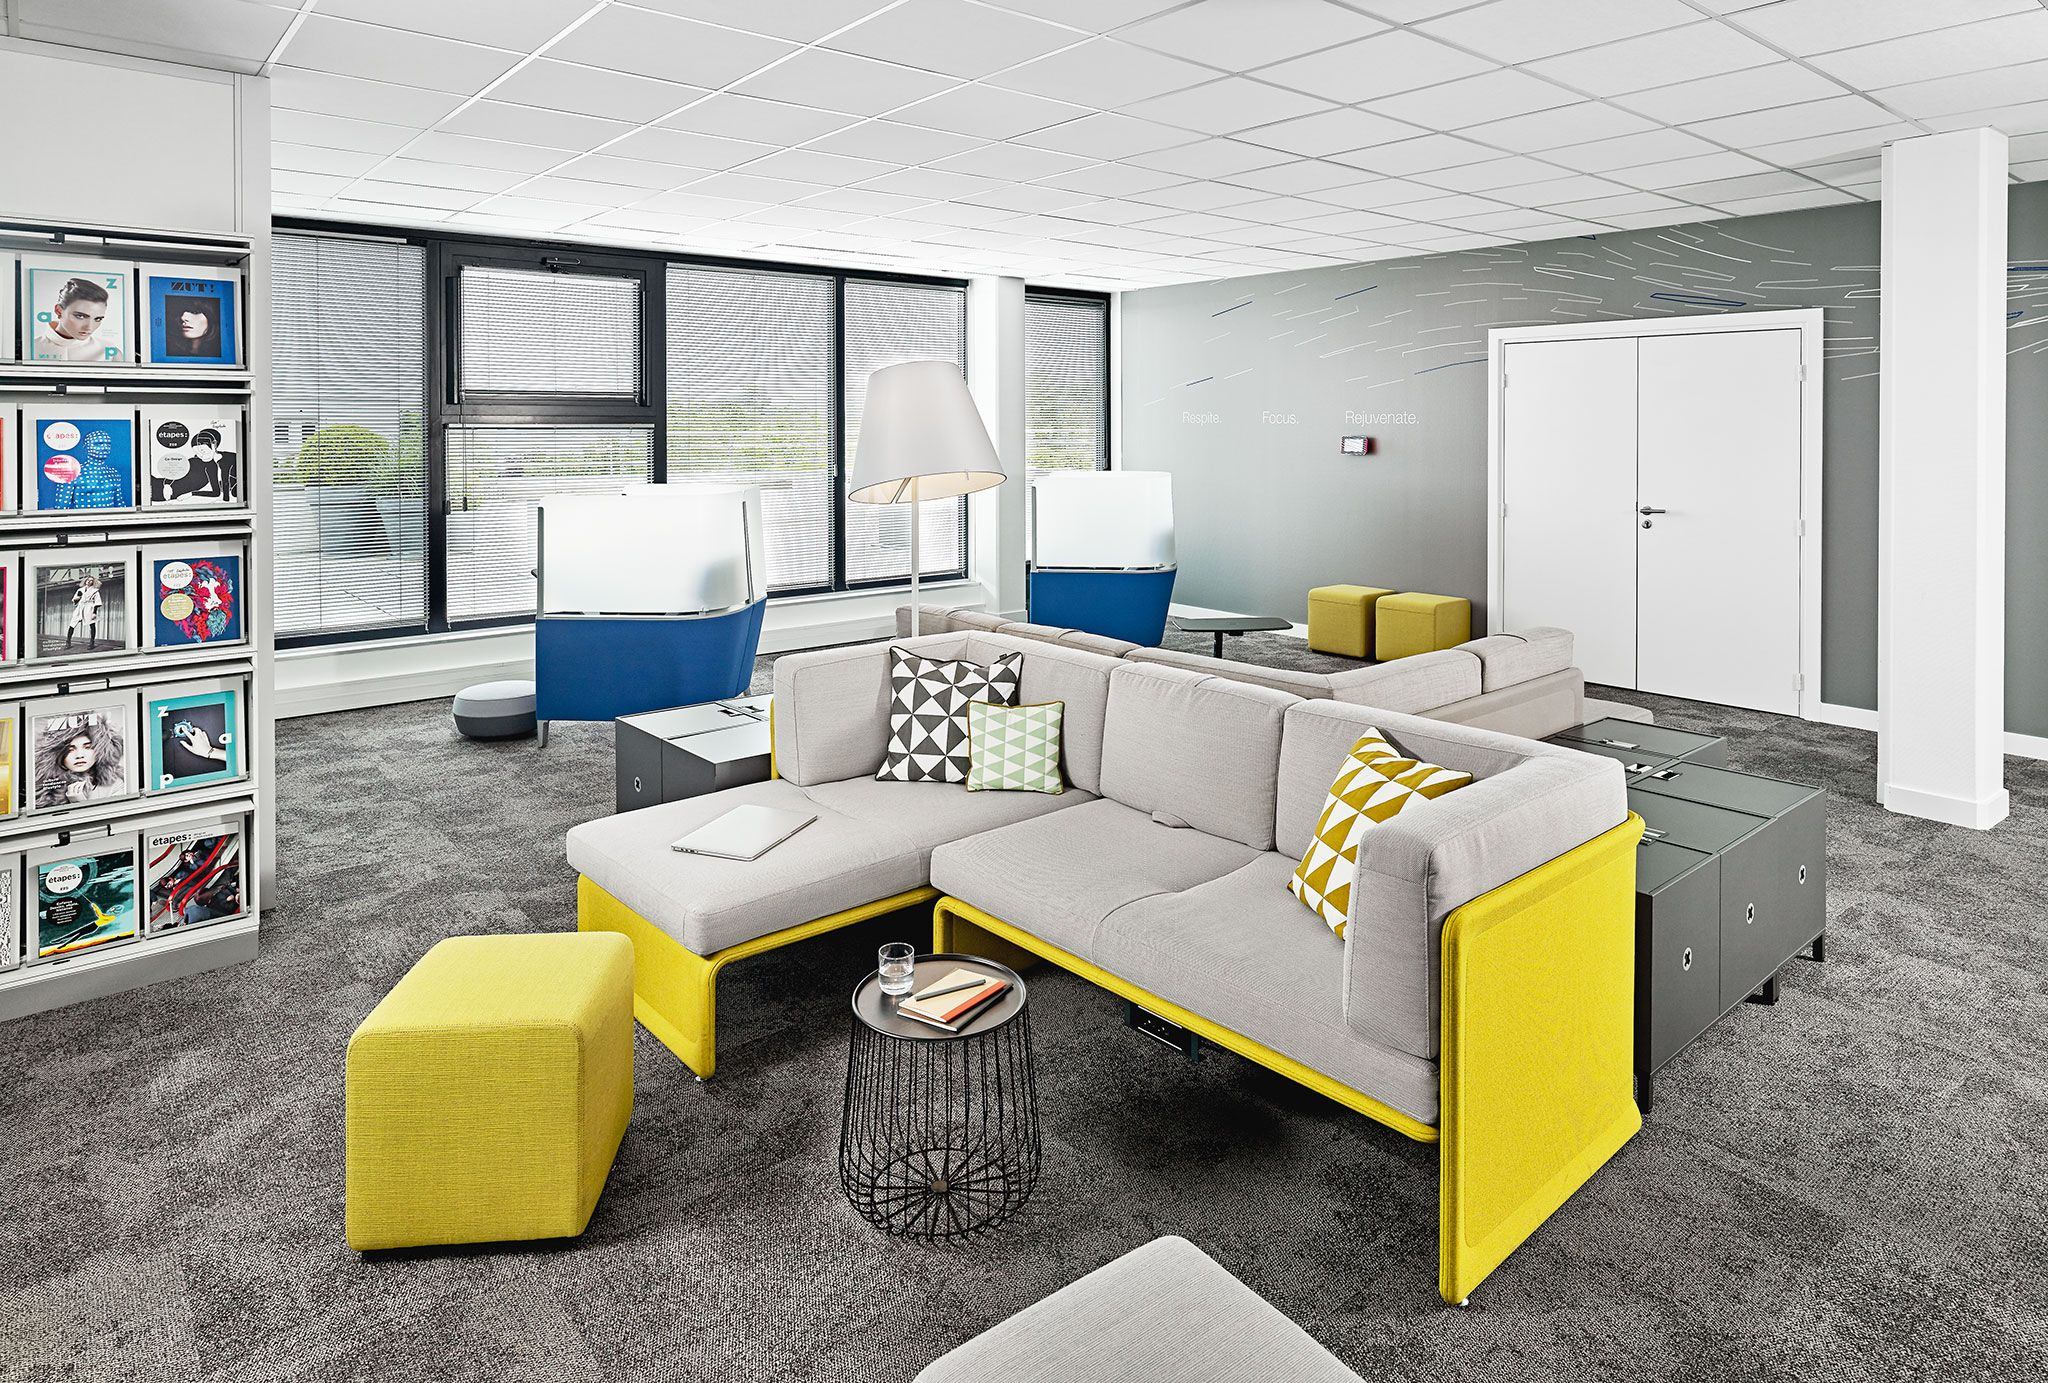 Coalesse Lagunitas Lounge Seating in contrasting colors